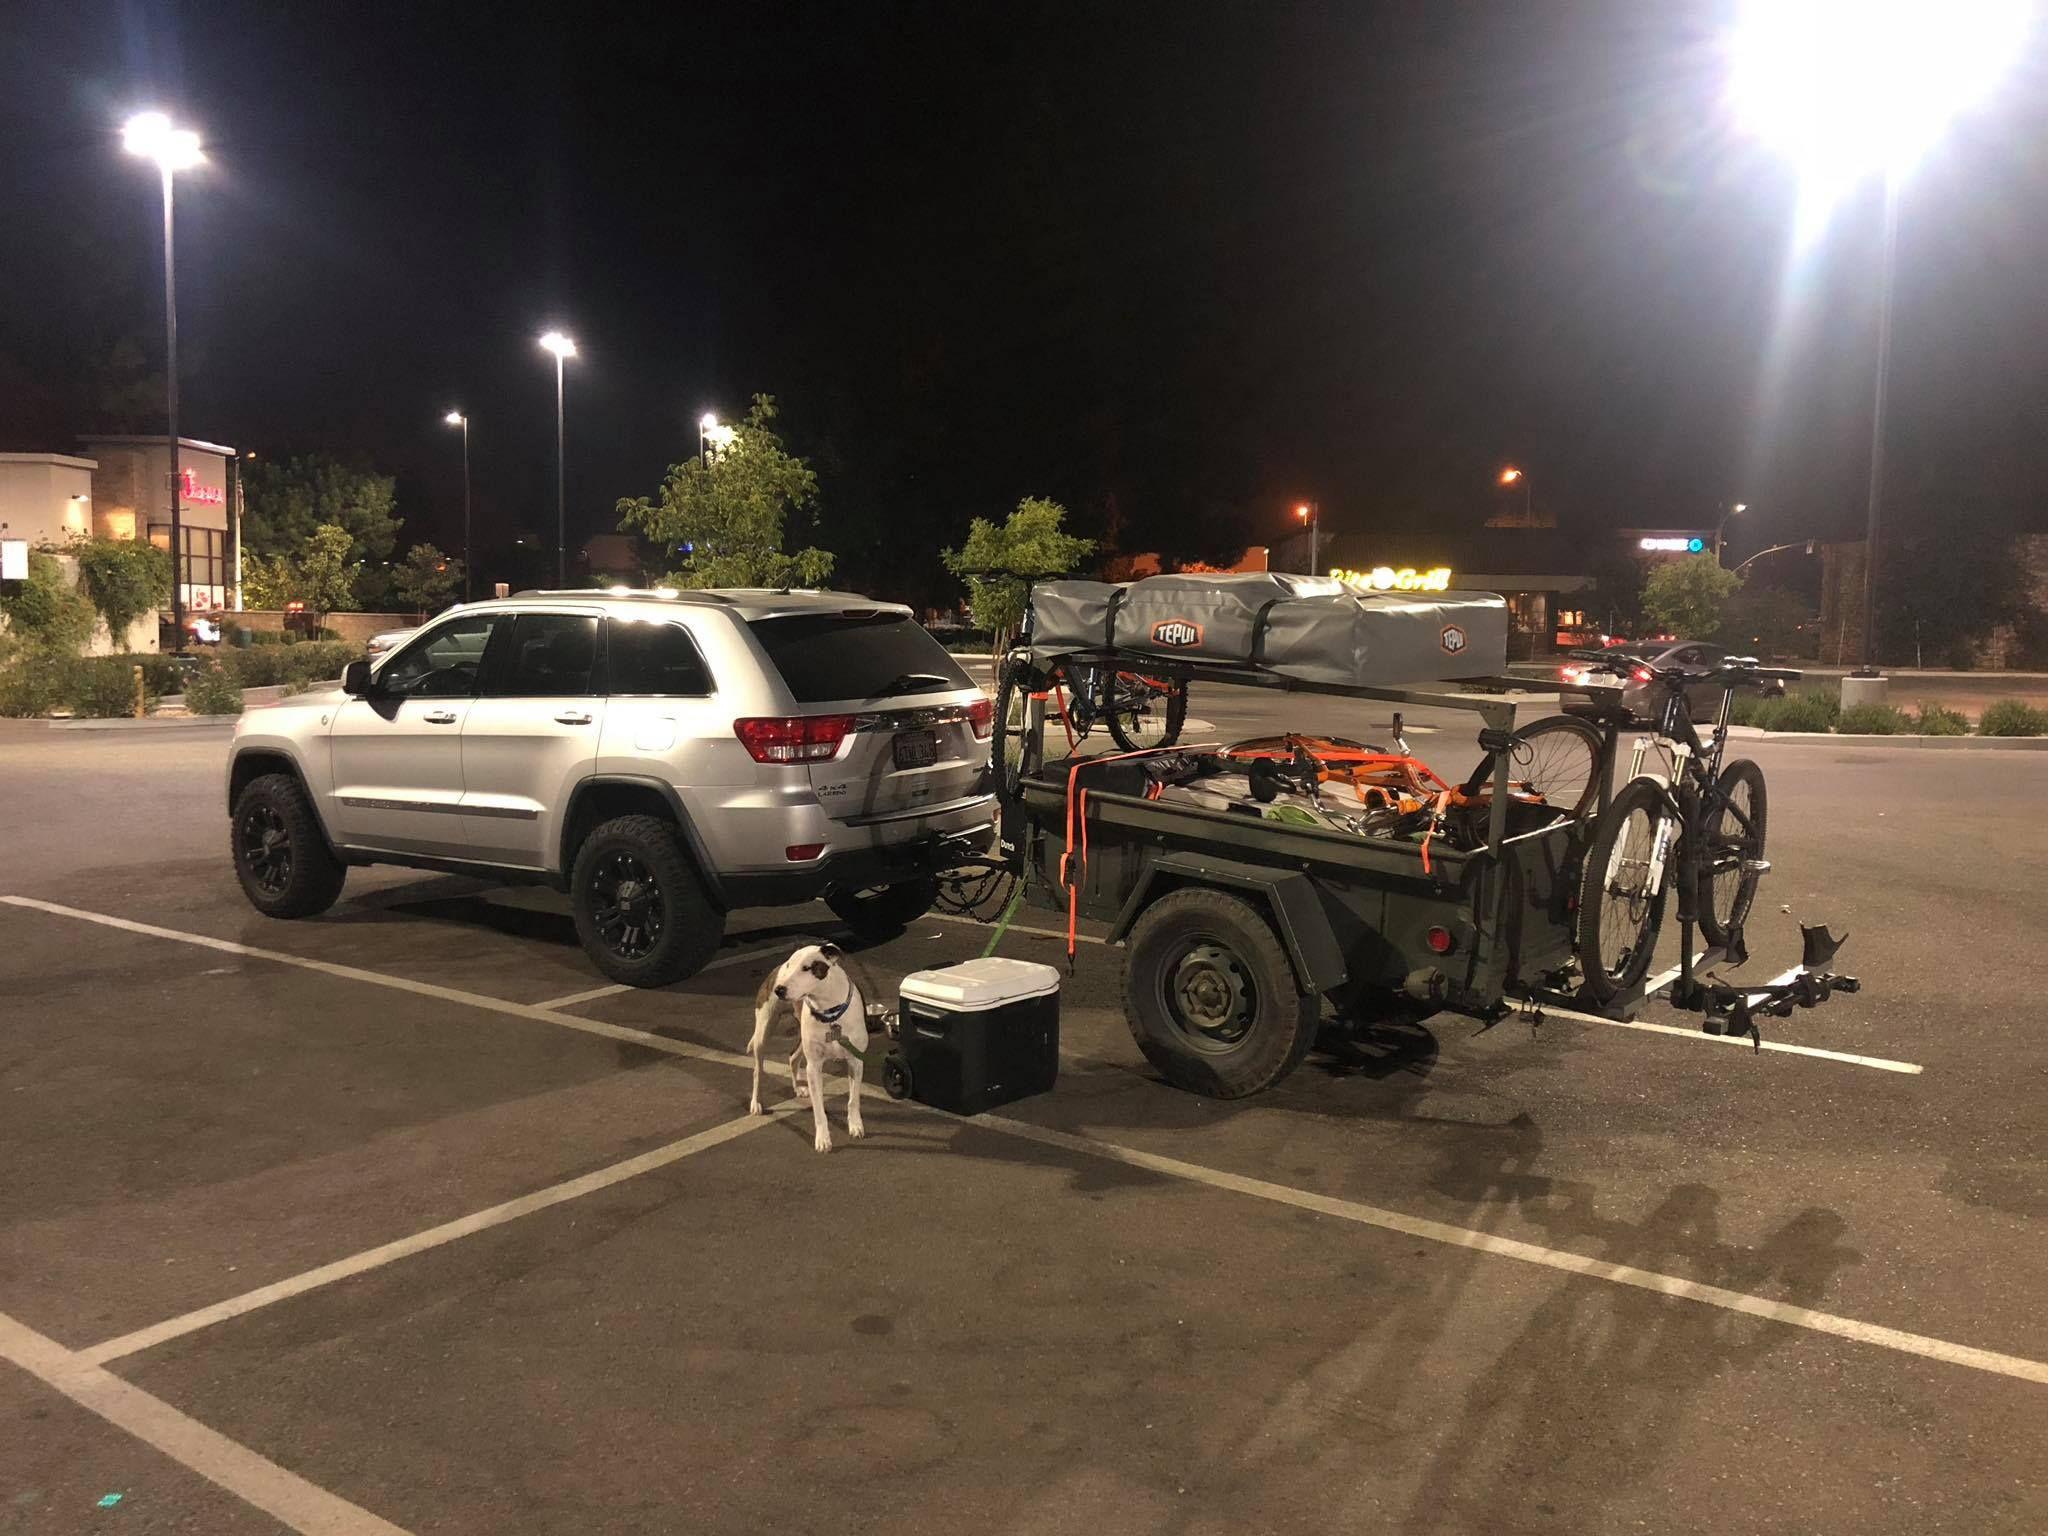 Greg S Gear Bike Hauler M416 Trailer Setup With No Weld